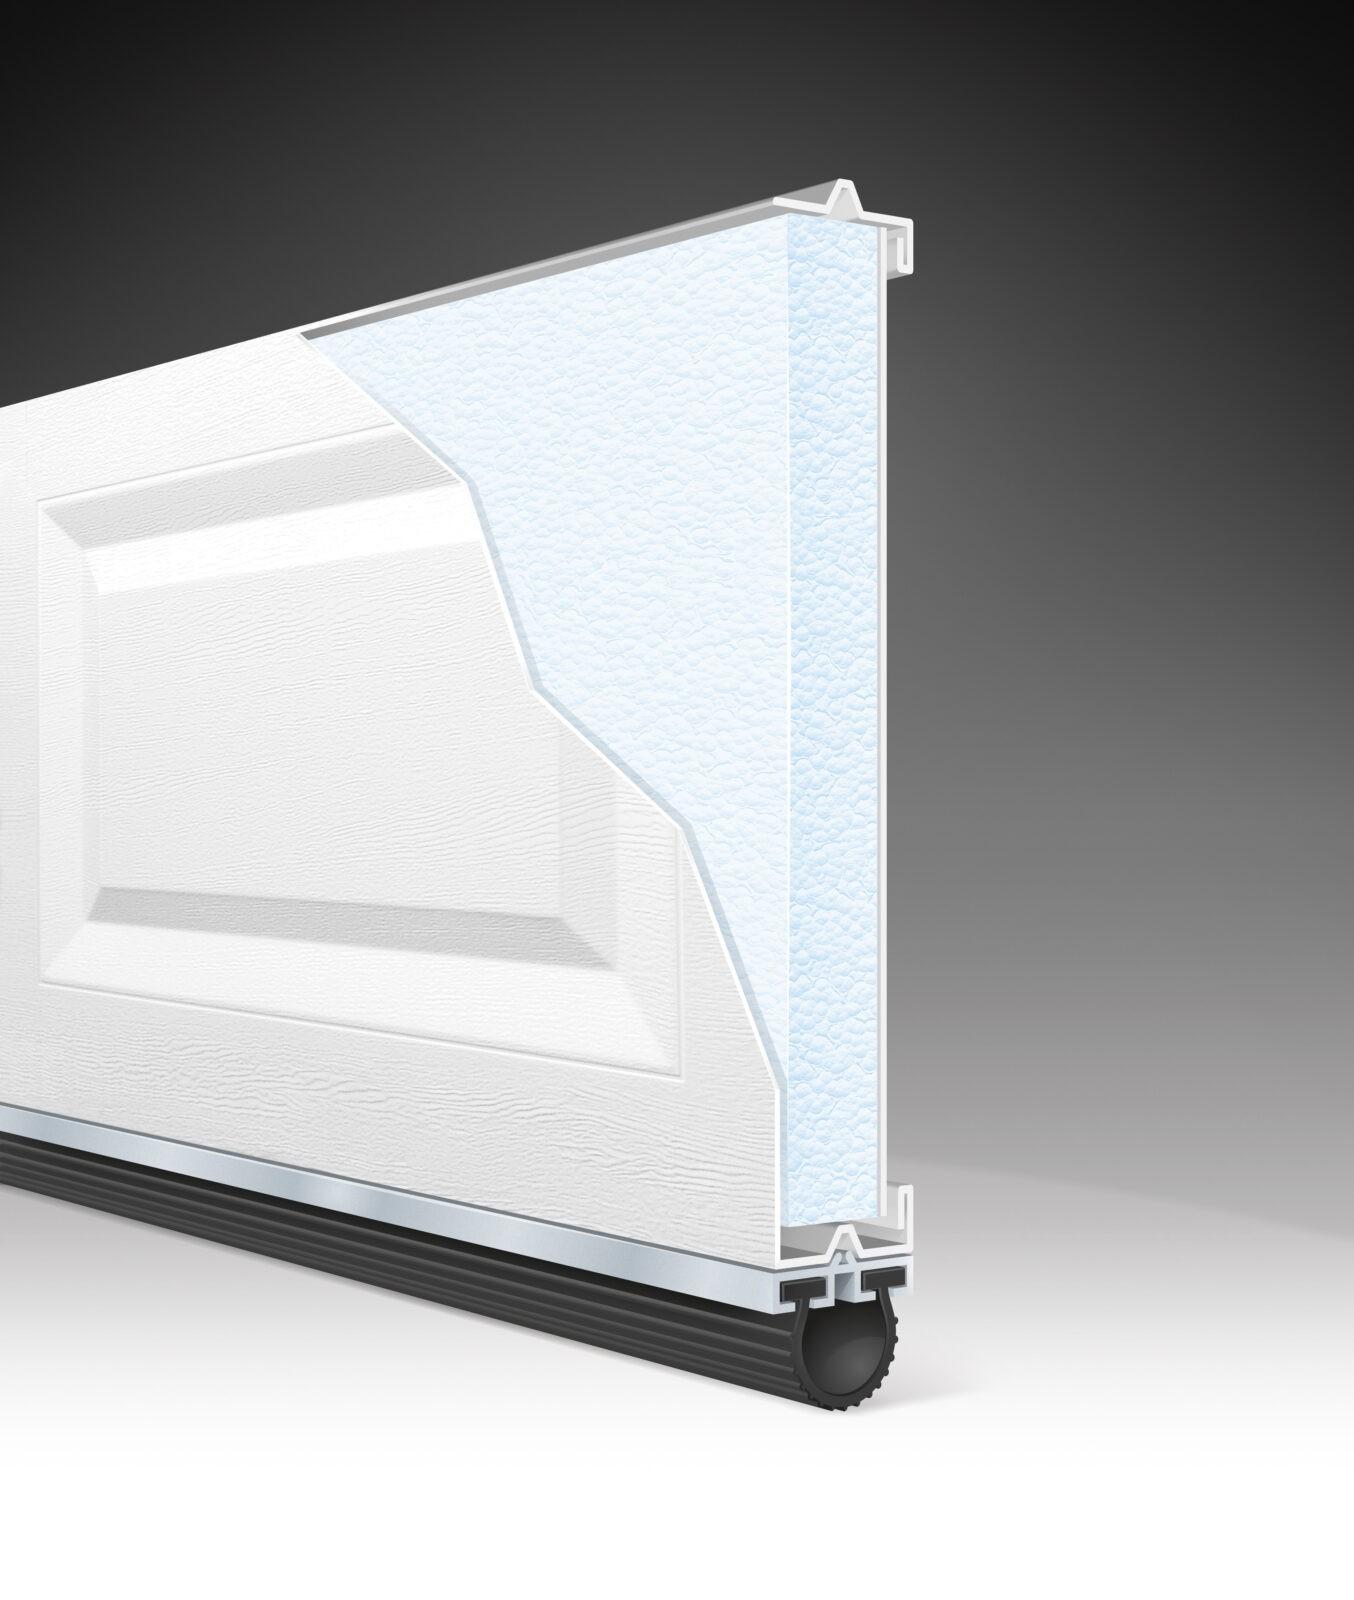 CLASSIC GARAGE DOOR STYRENE 1.5 CUTAWAY